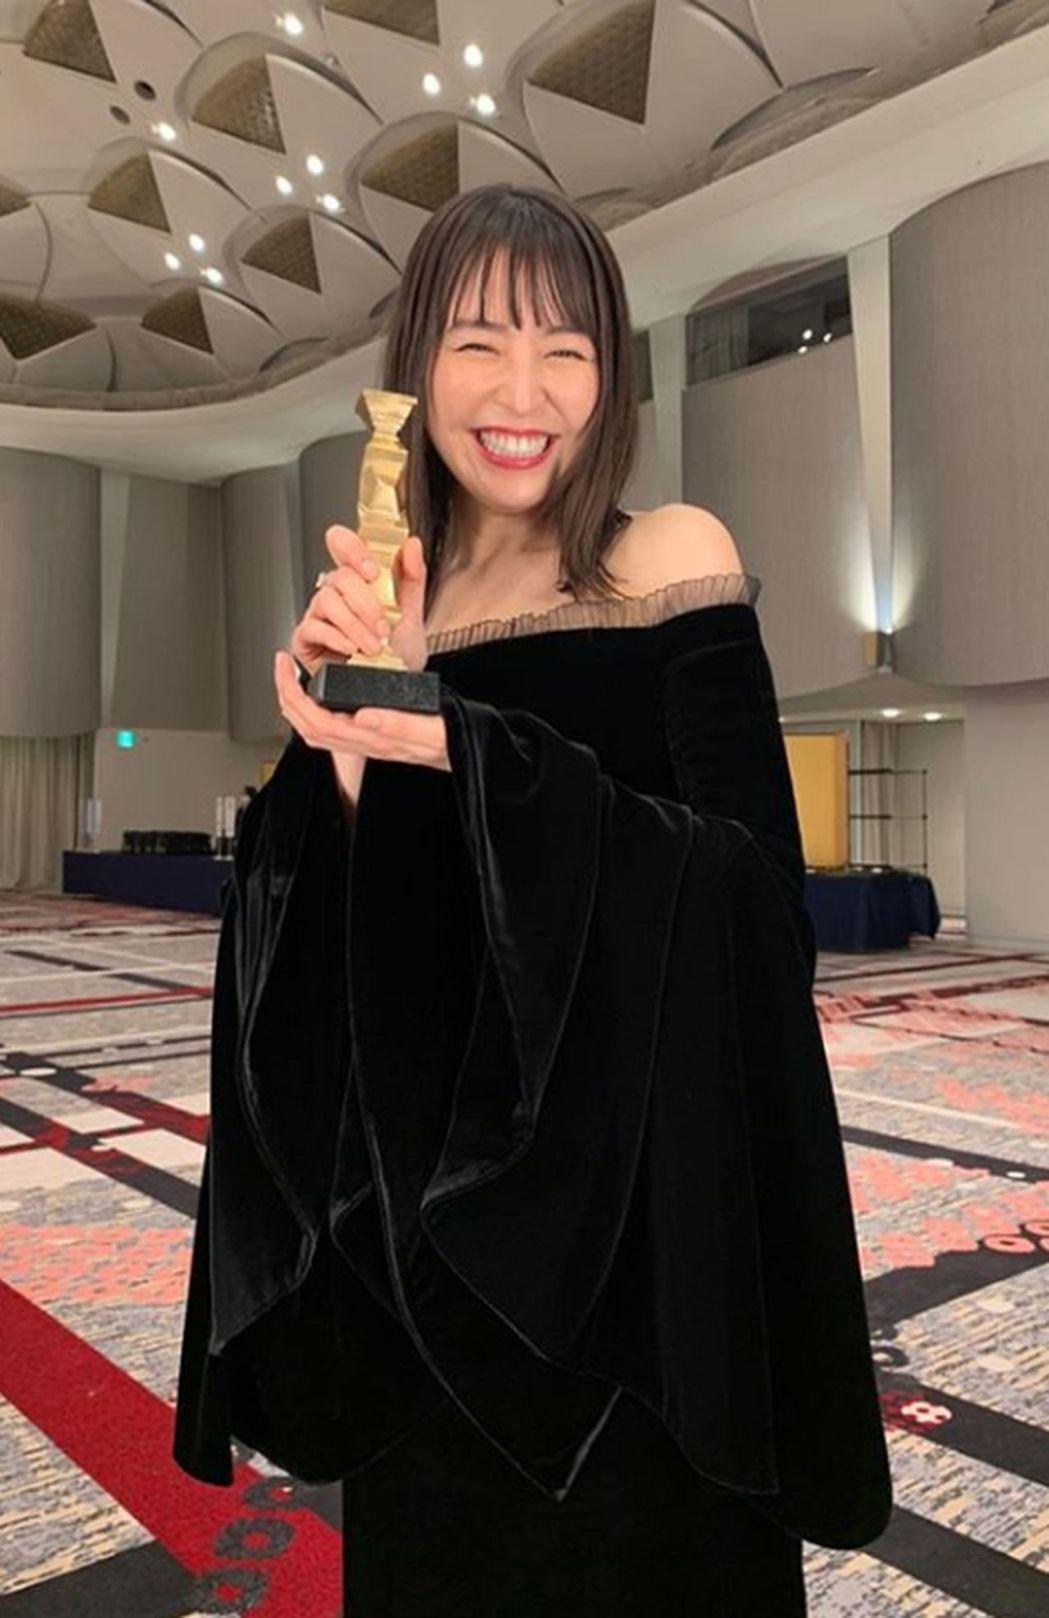 長澤雅美分享近照,被說「女神崩壞」。 圖/取自IG